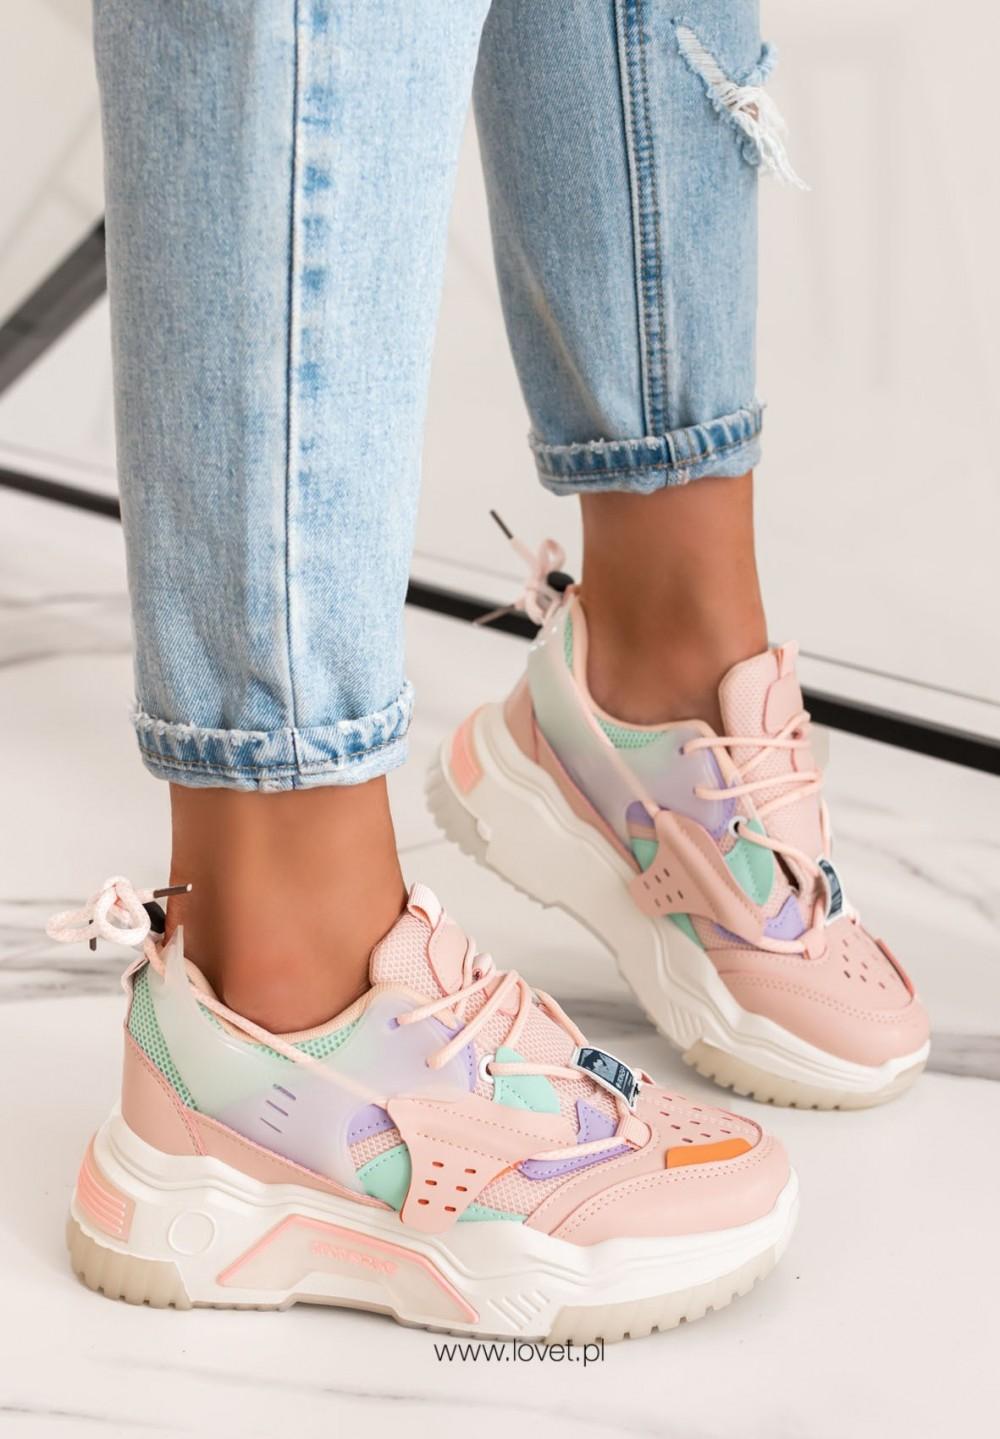 Trampki Sneakersy Siateczkowe Różowe Feris